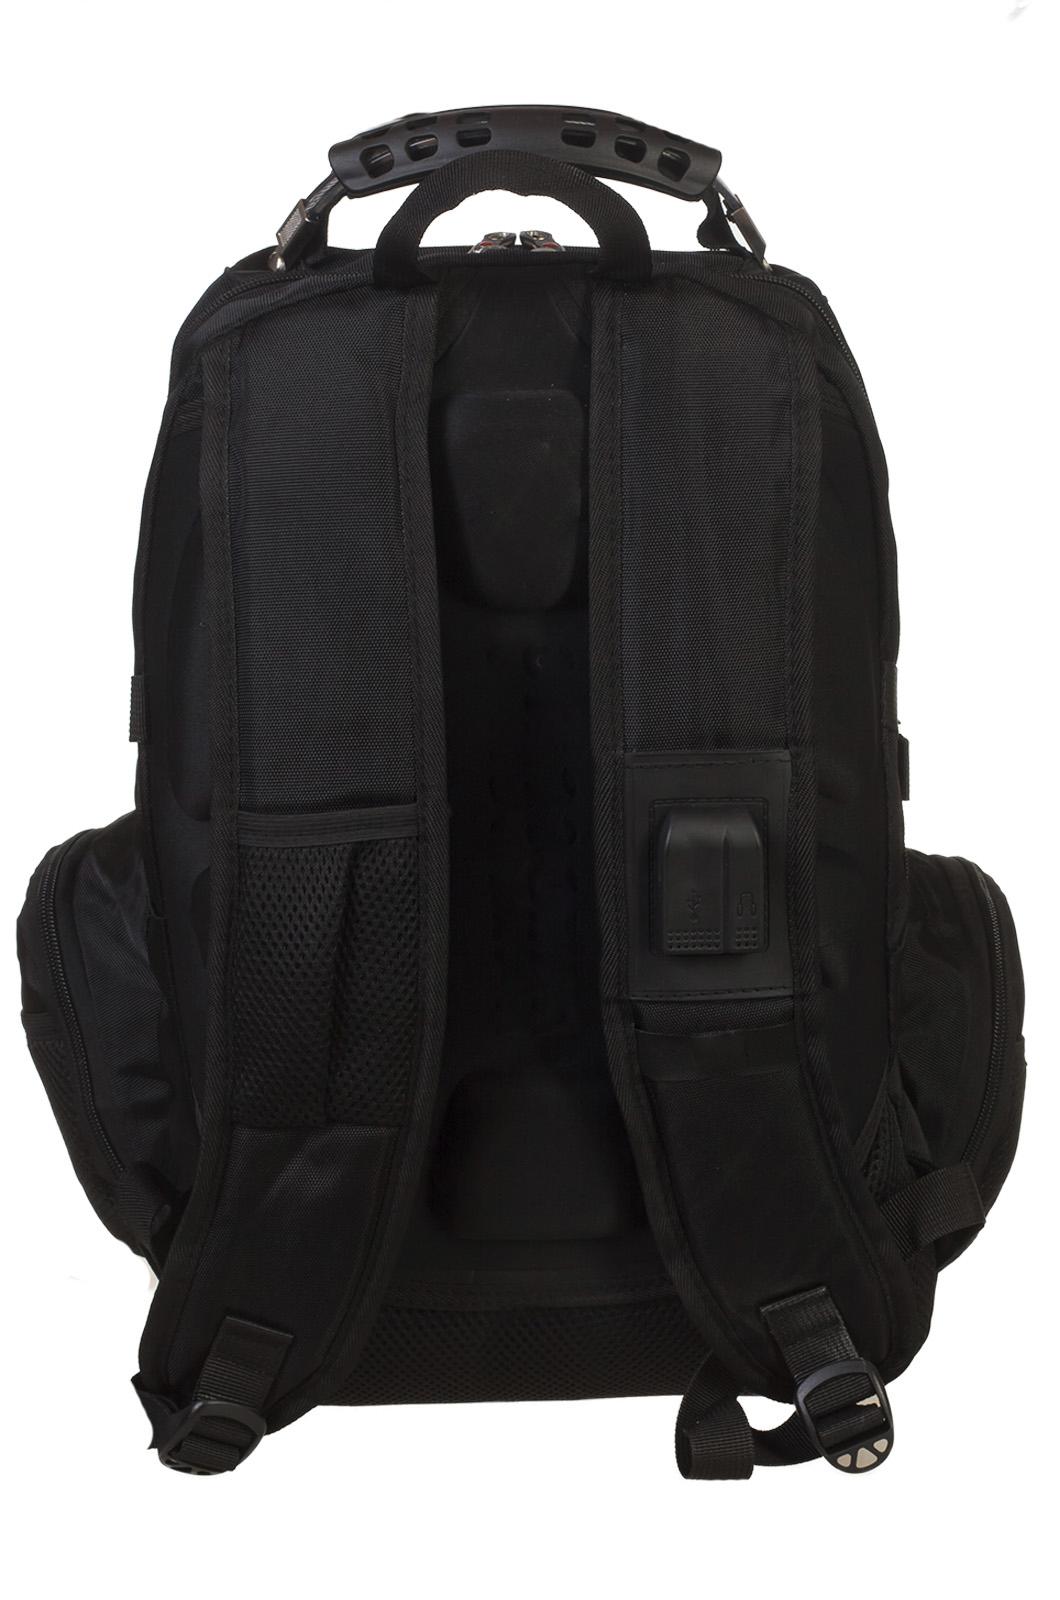 Купить удобный городской рюкзак с шевроном Спецназ ГРУ в подарок